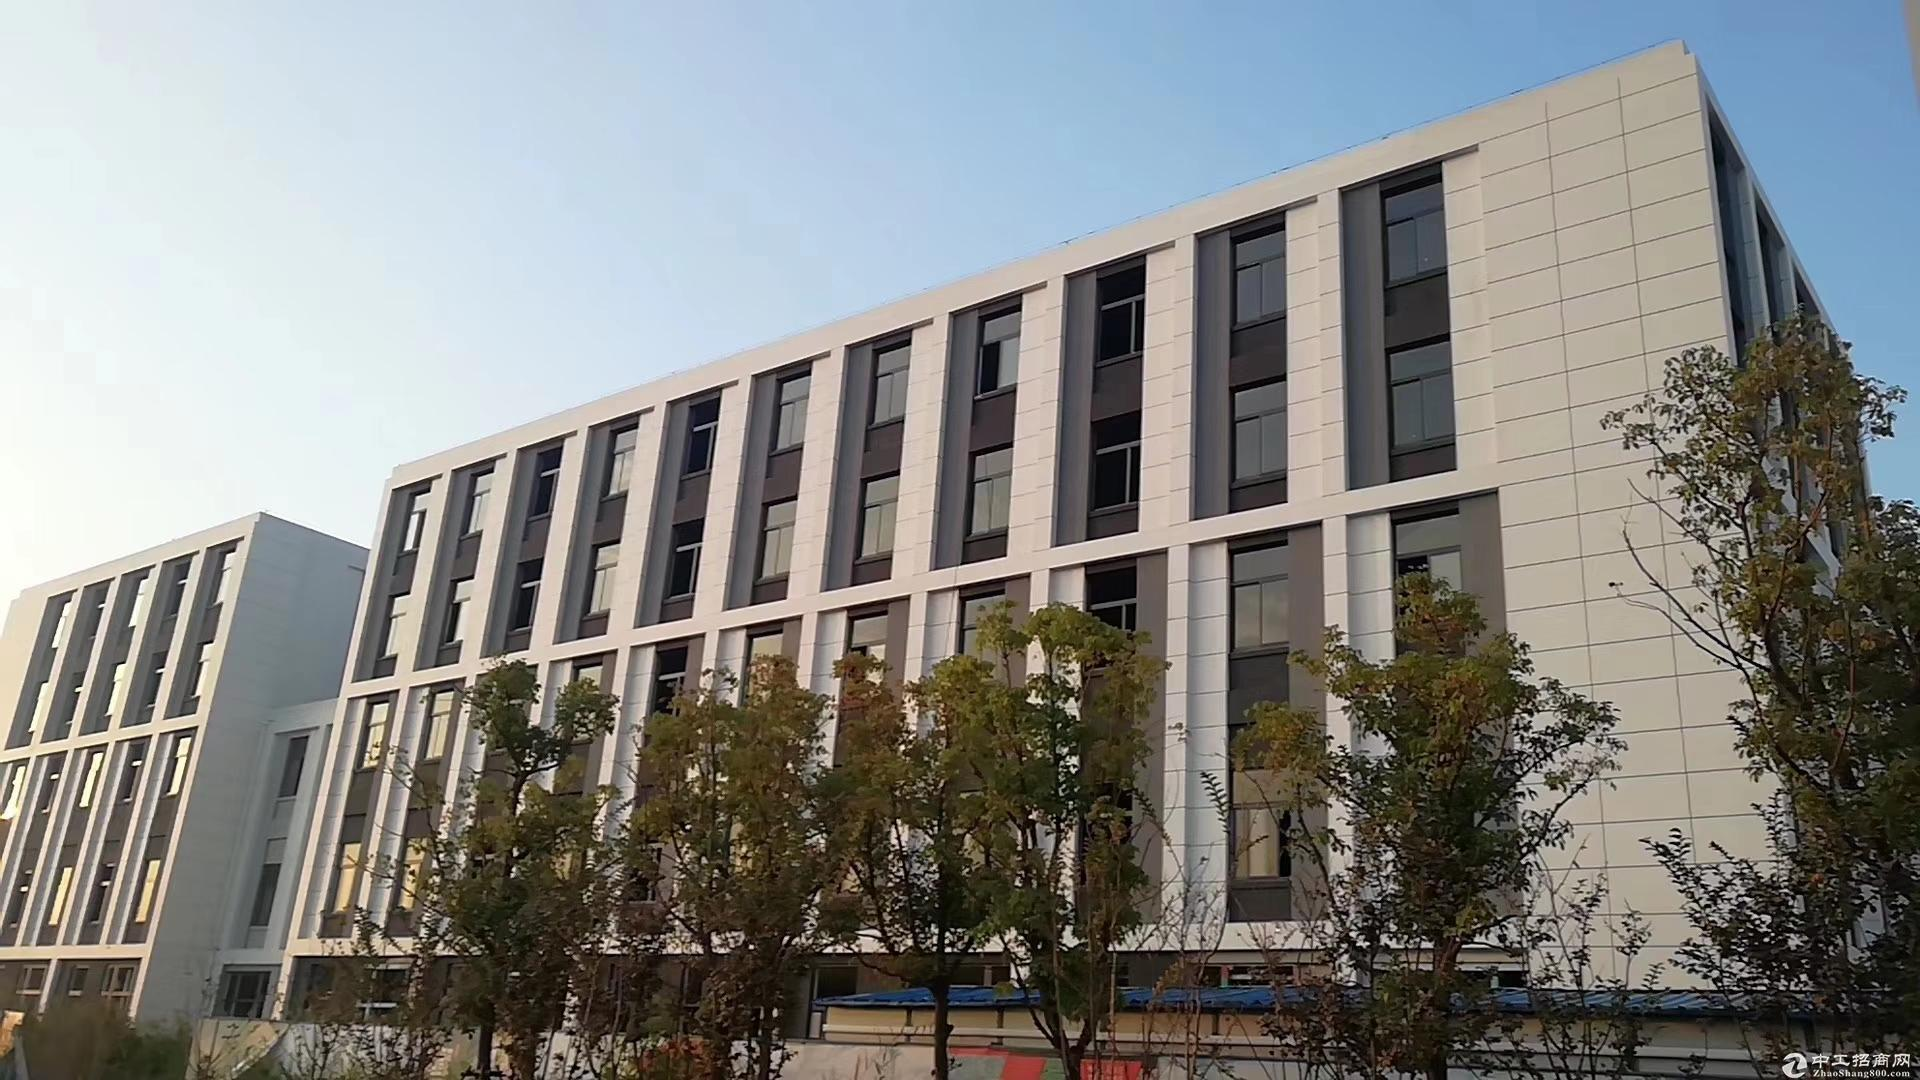 苏州木渎500平起 全新标准厂房出租 花园式厂房形象好 客货梯均有